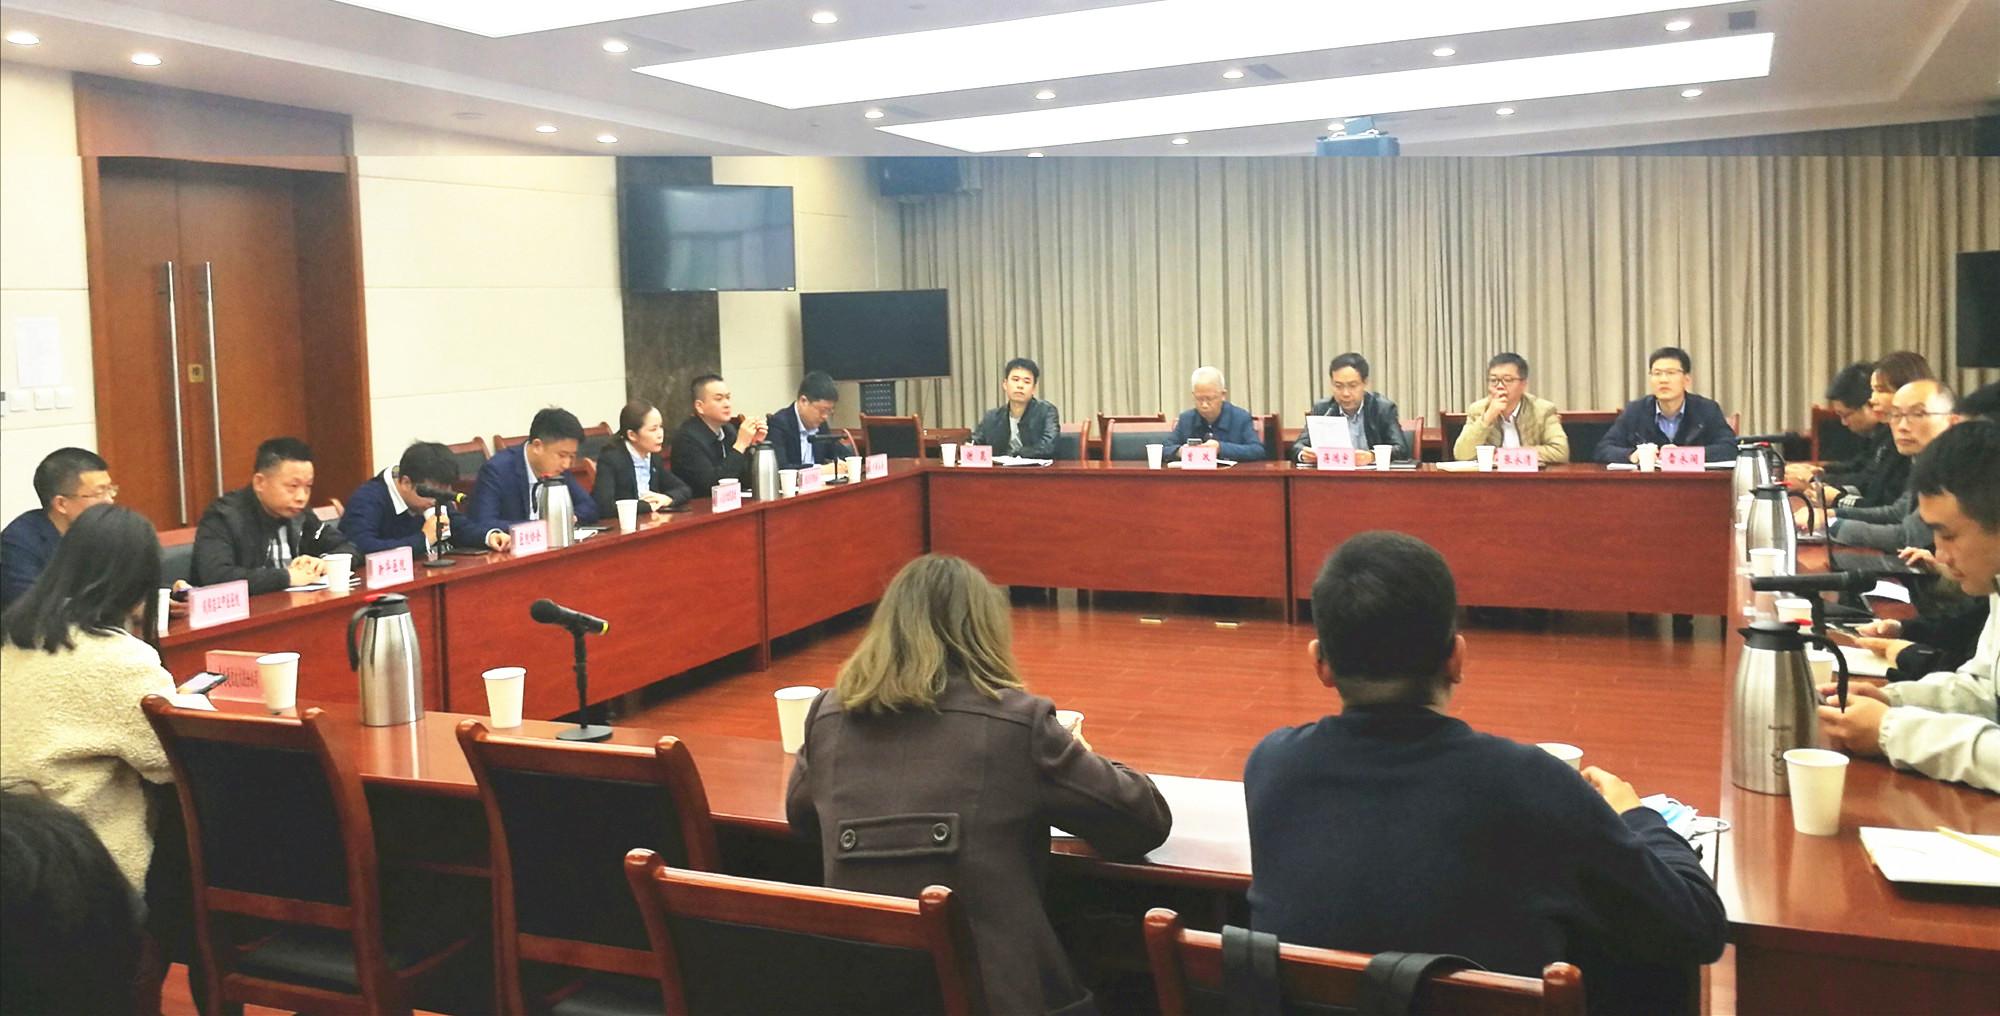 简讯|SCOREA参加民营企业公平竞争市场环境座谈会